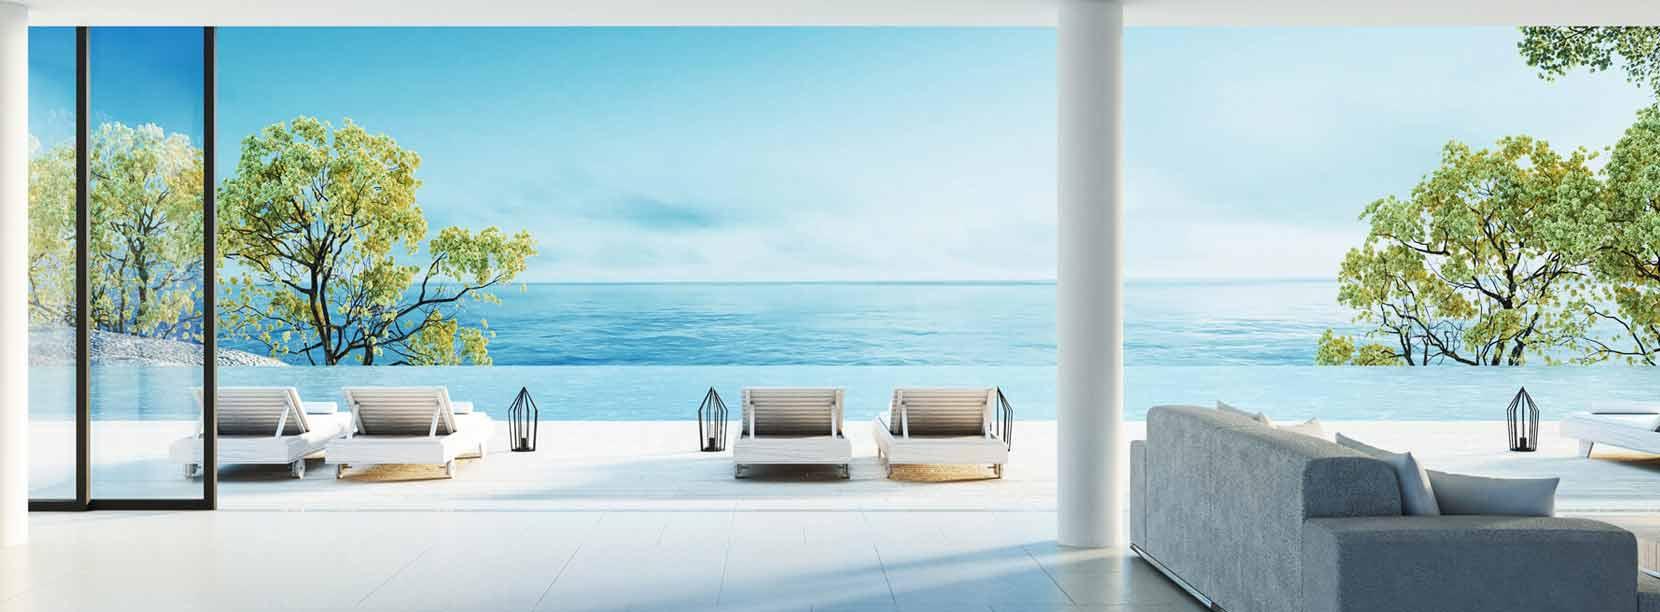 Laguna beach ca homes for sale laguna beach real estate for Homes in laguna beach for sale